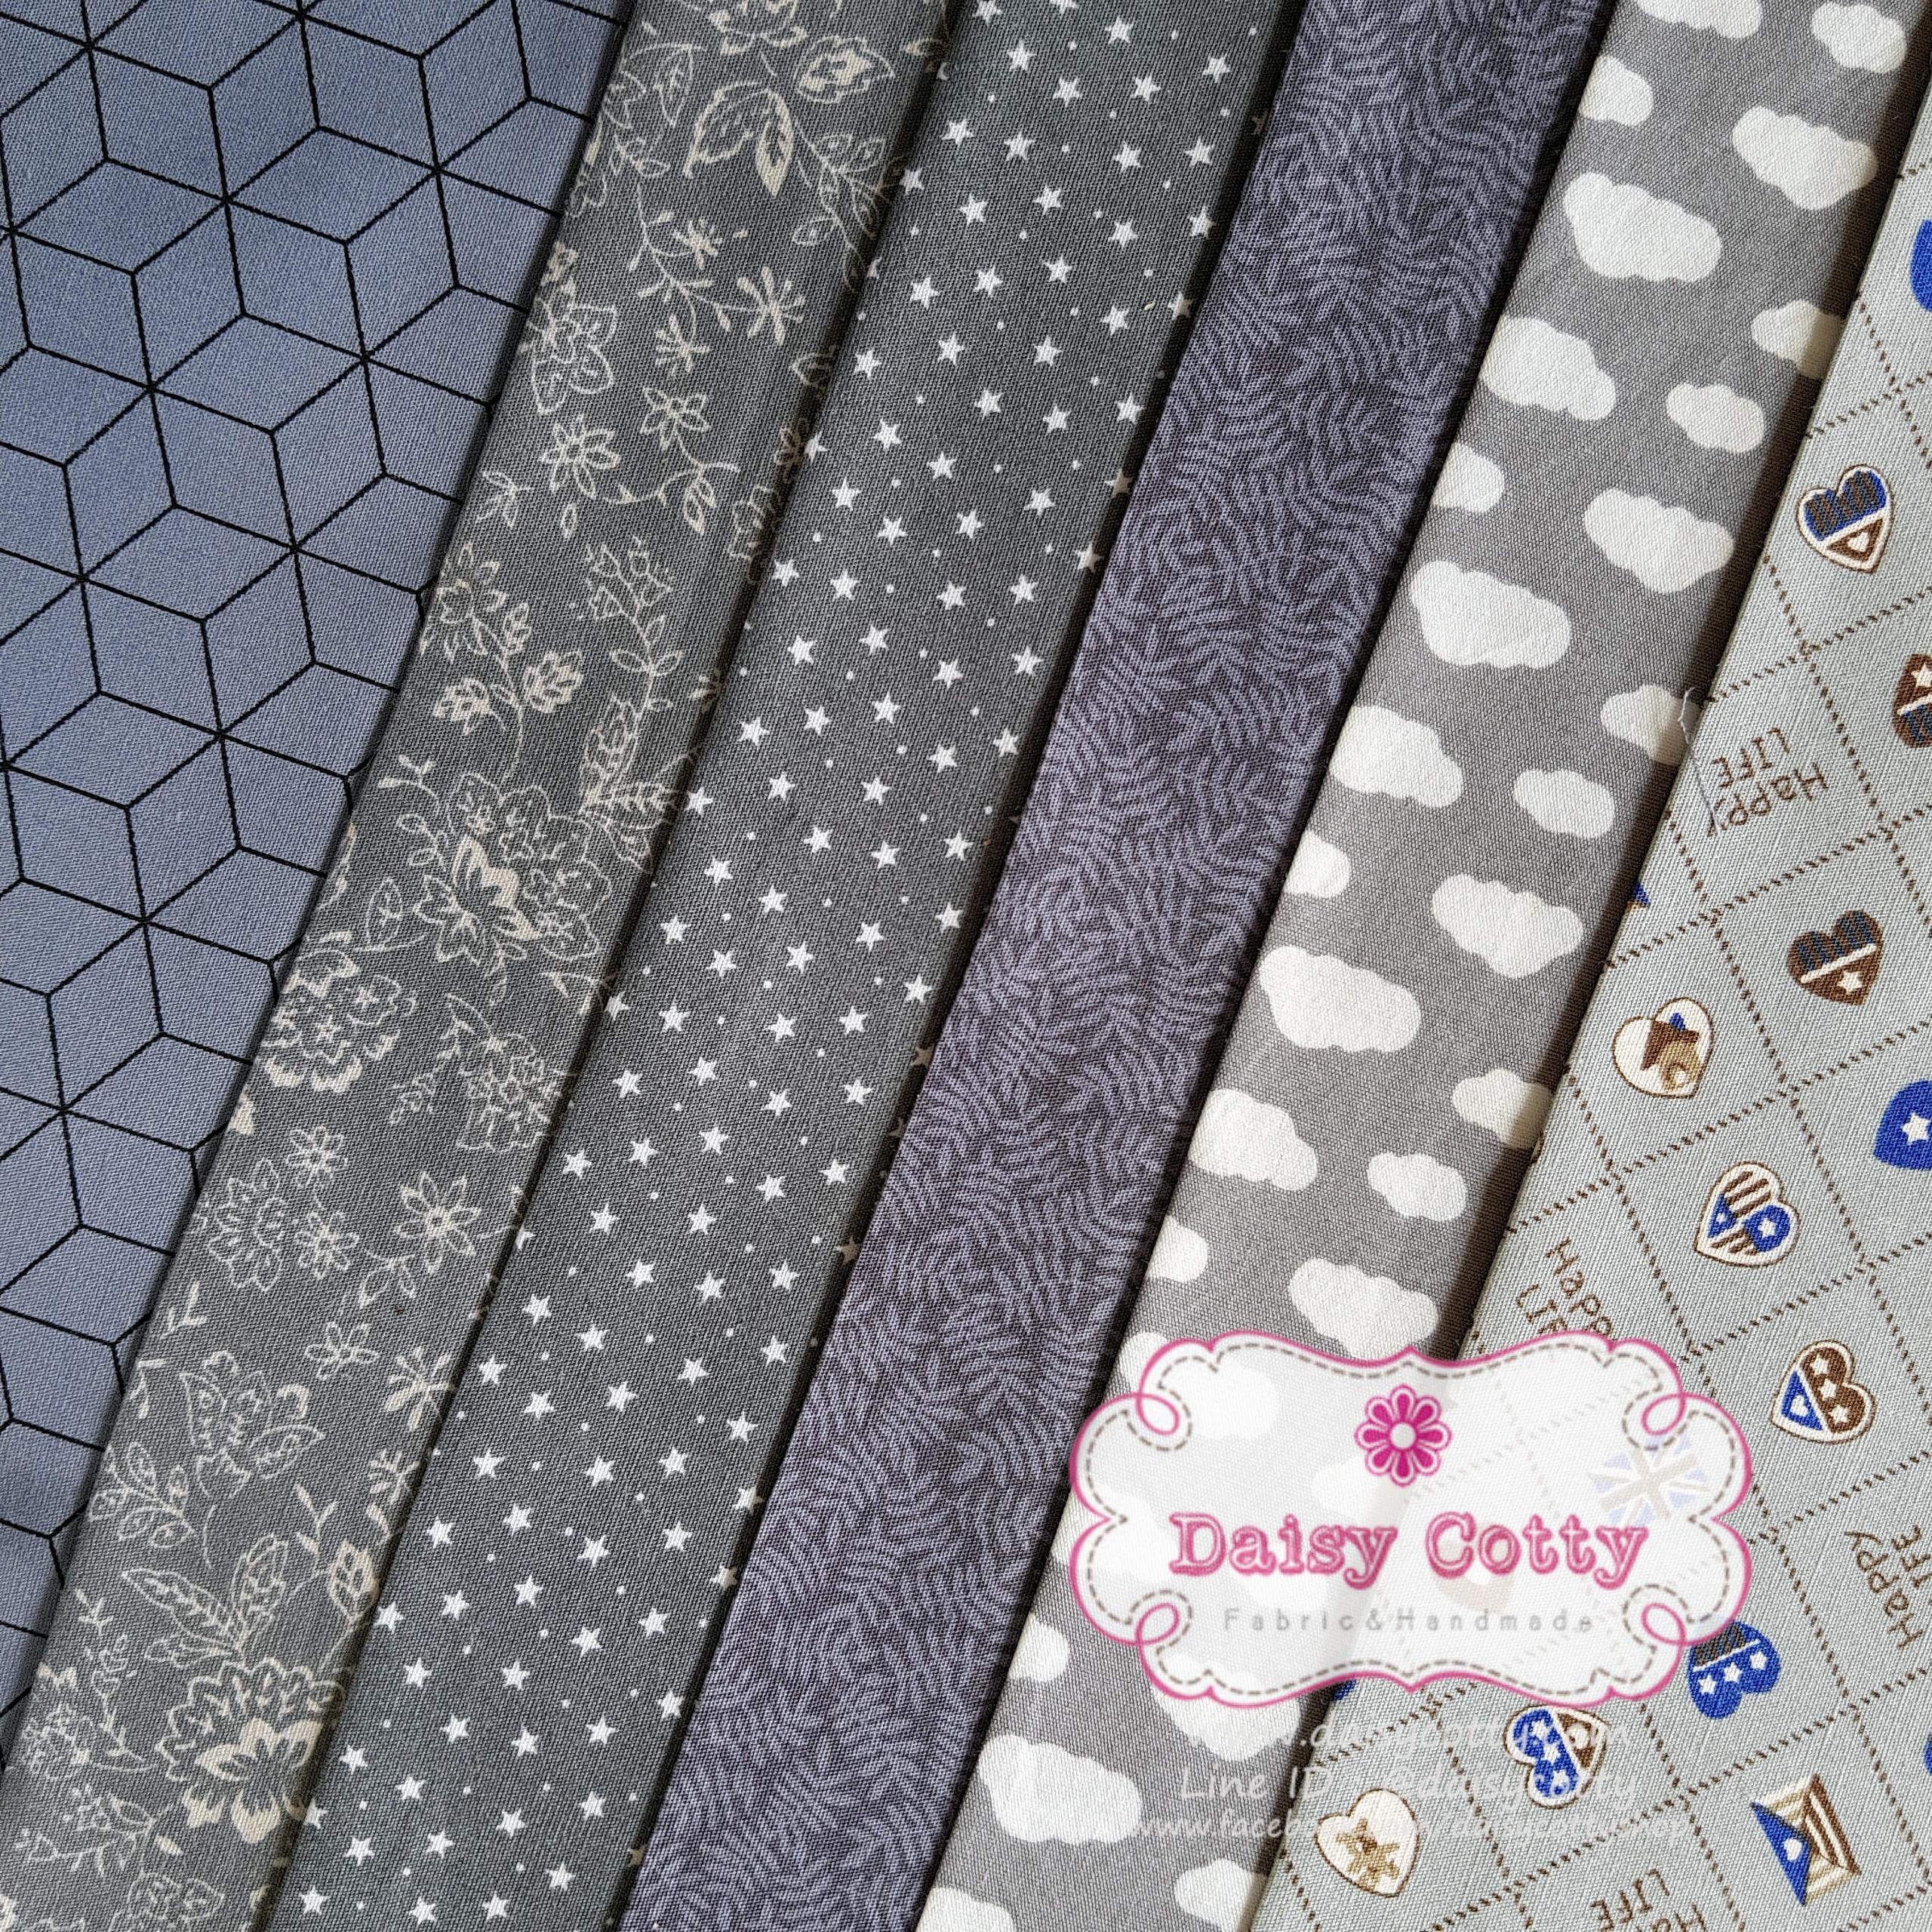 Set 6 ชิ้น : ผ้าคอตตอนไทย 6 ลาย โทนสีเทา แต่ละชิ้นขนาด 50×27.5ซม.